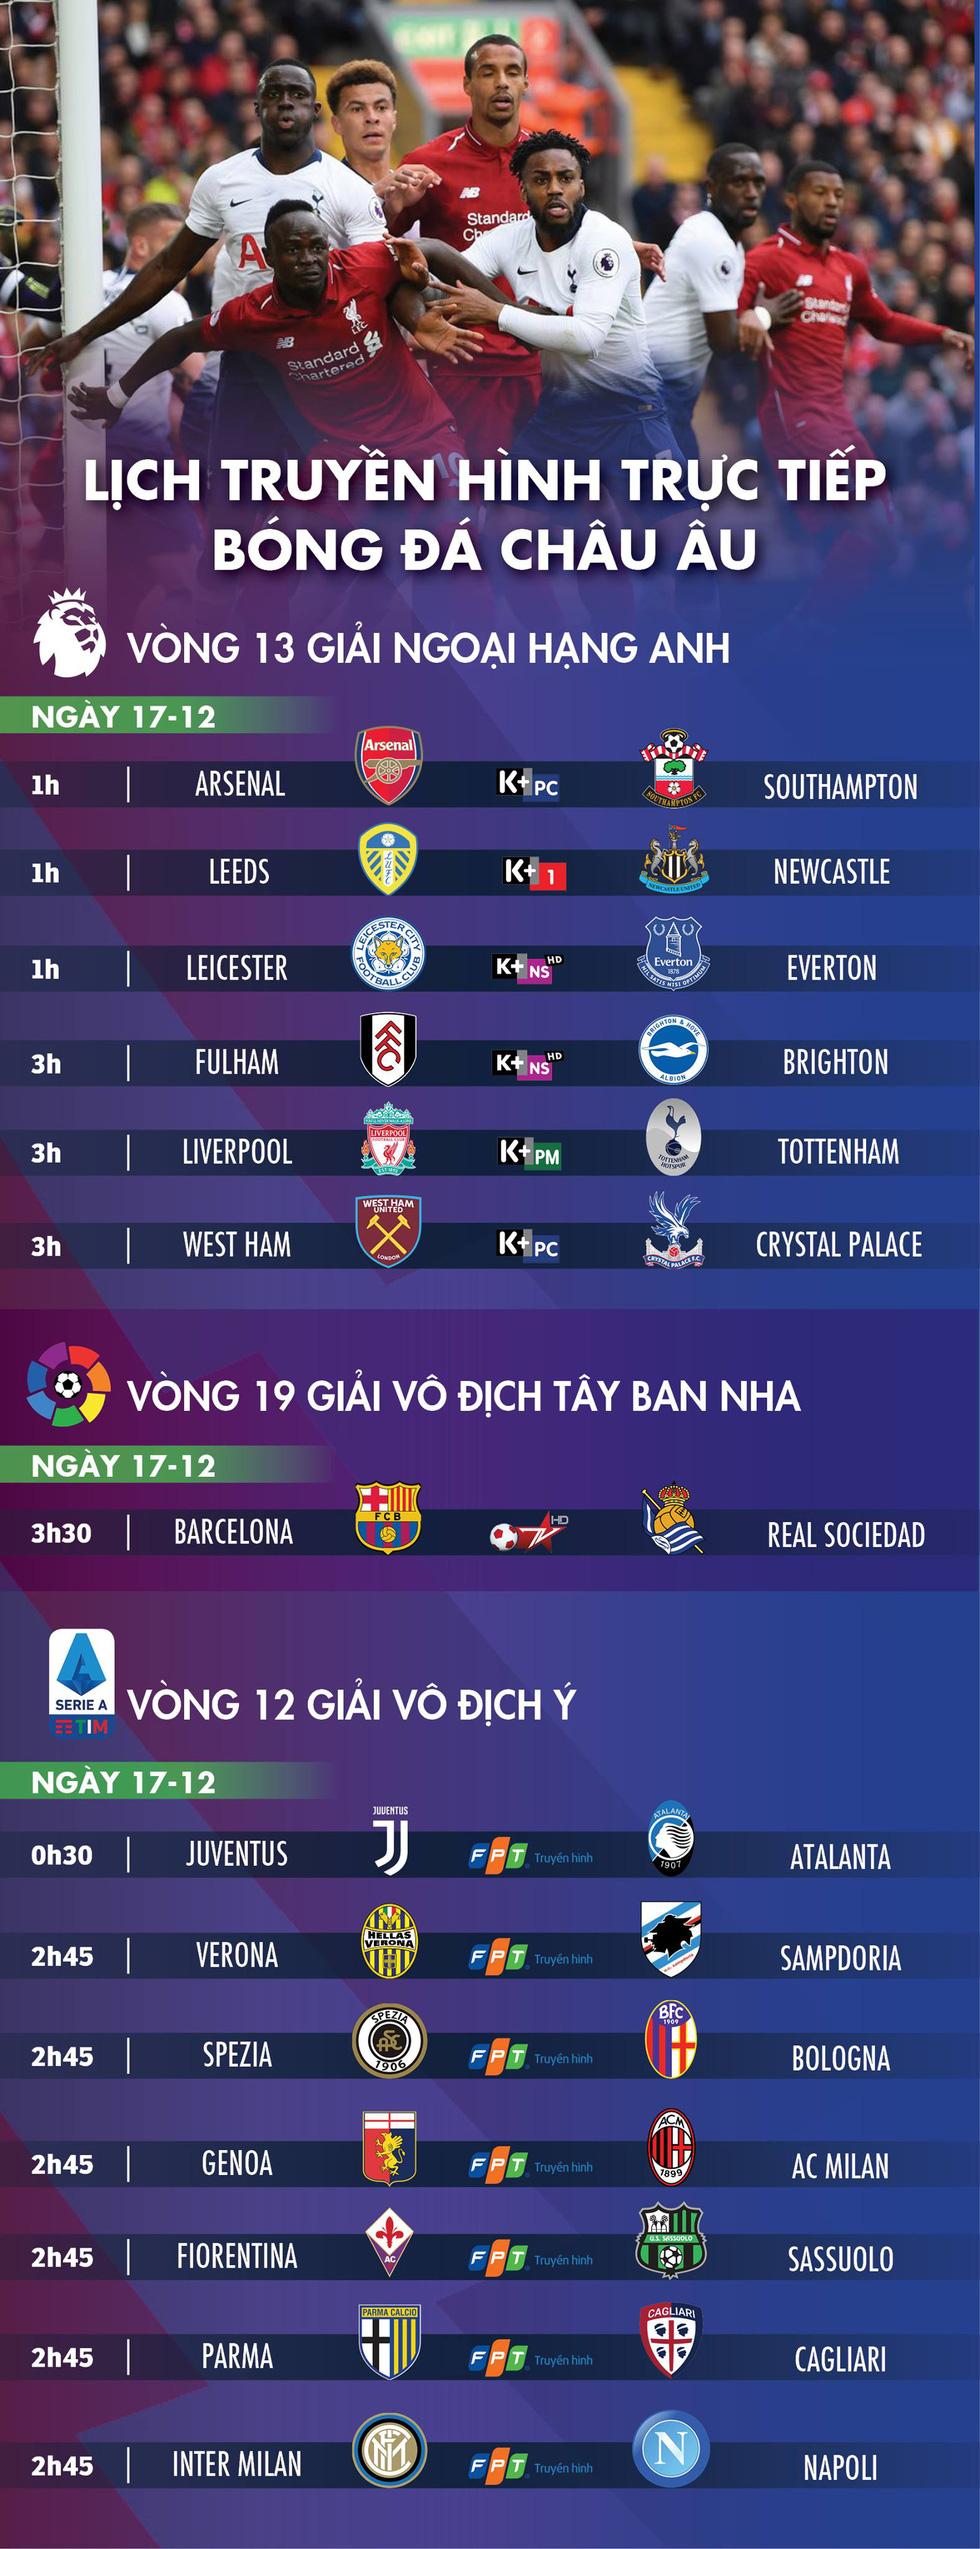 Lịch trực tiếp bóng đá châu Âu: Đại chiến Liverpool - Tottenham - Ảnh 1.